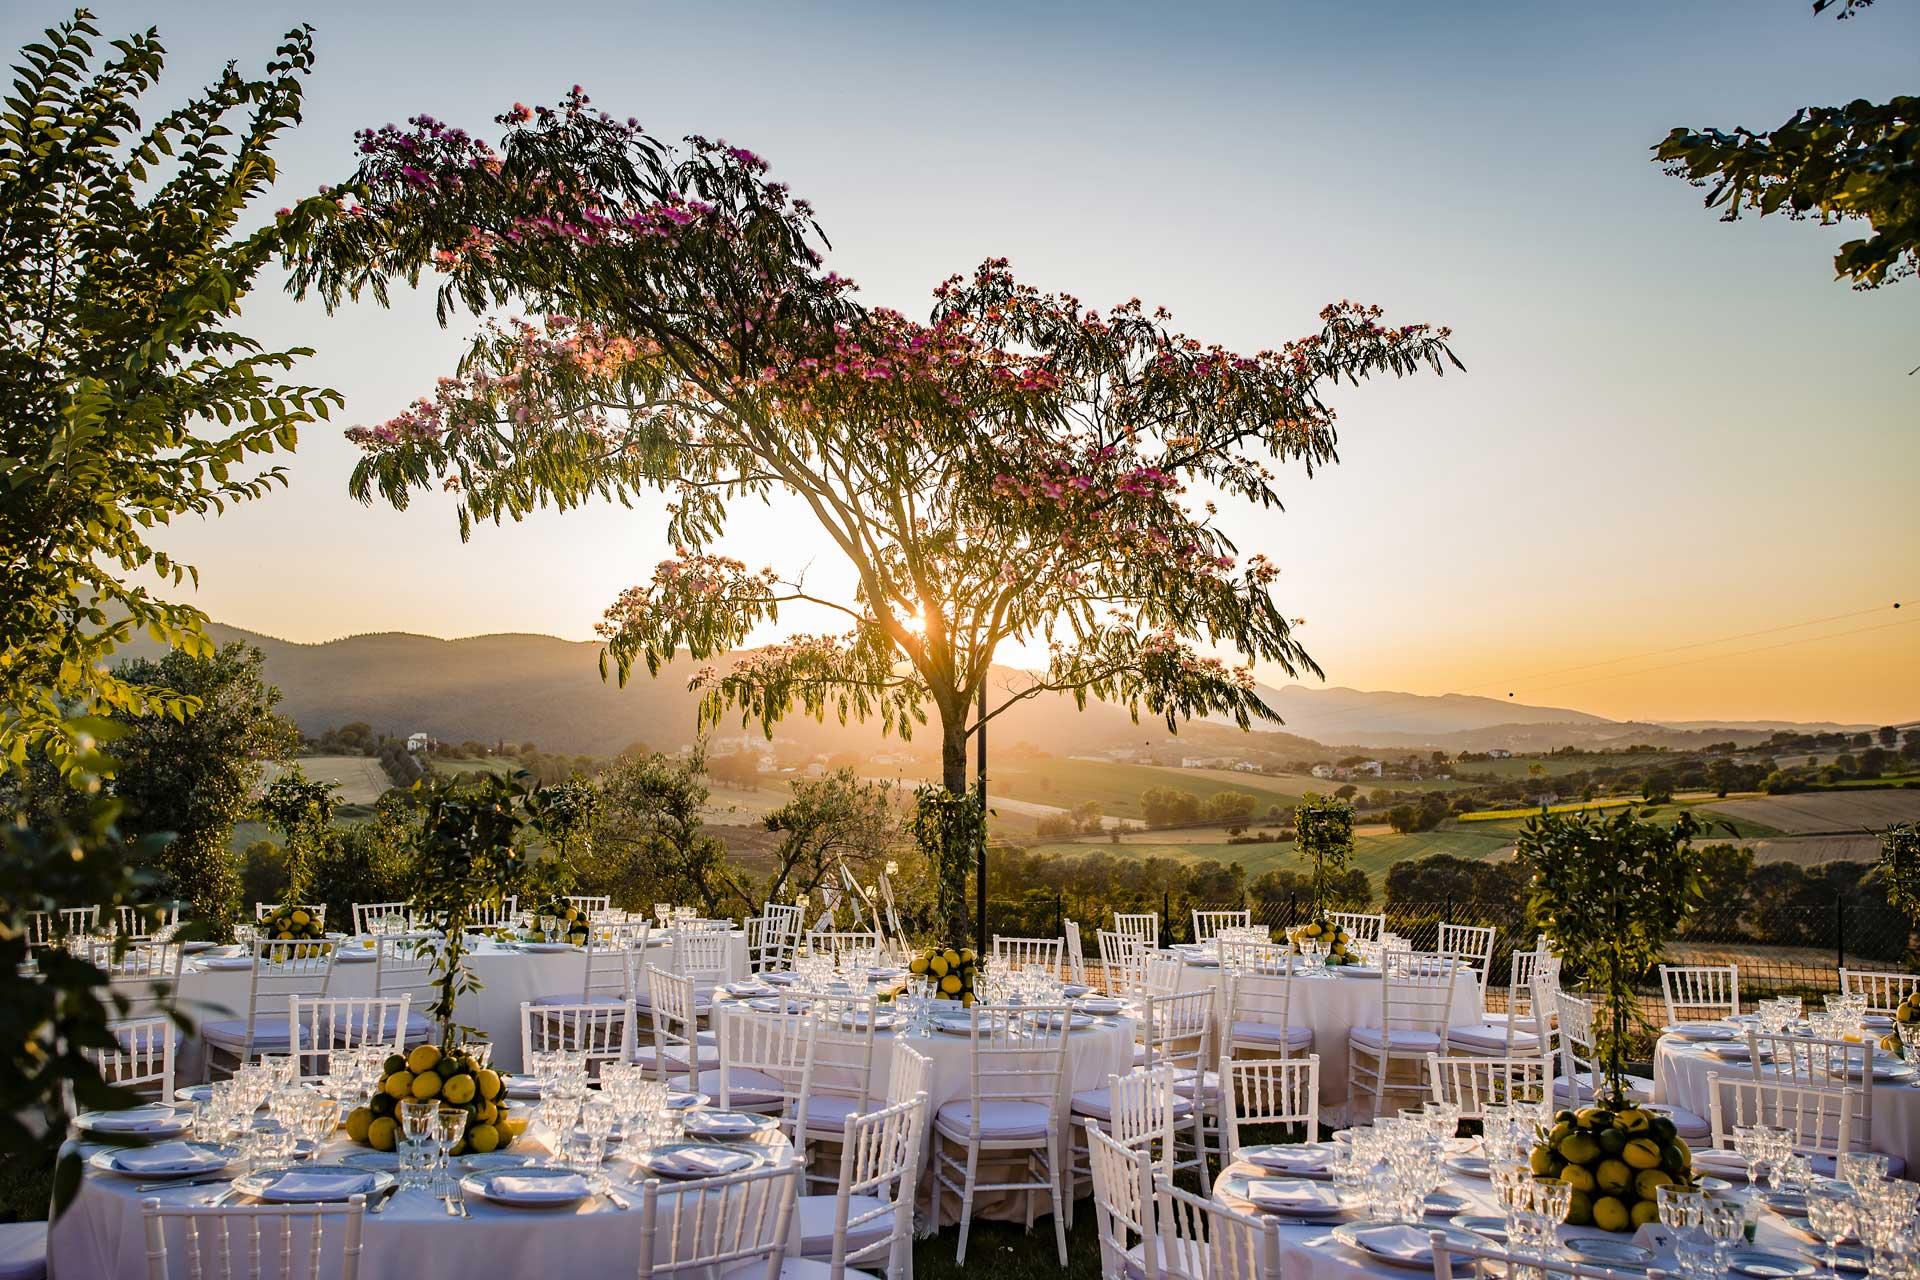 Matrimonio organizzazione eventi Terni